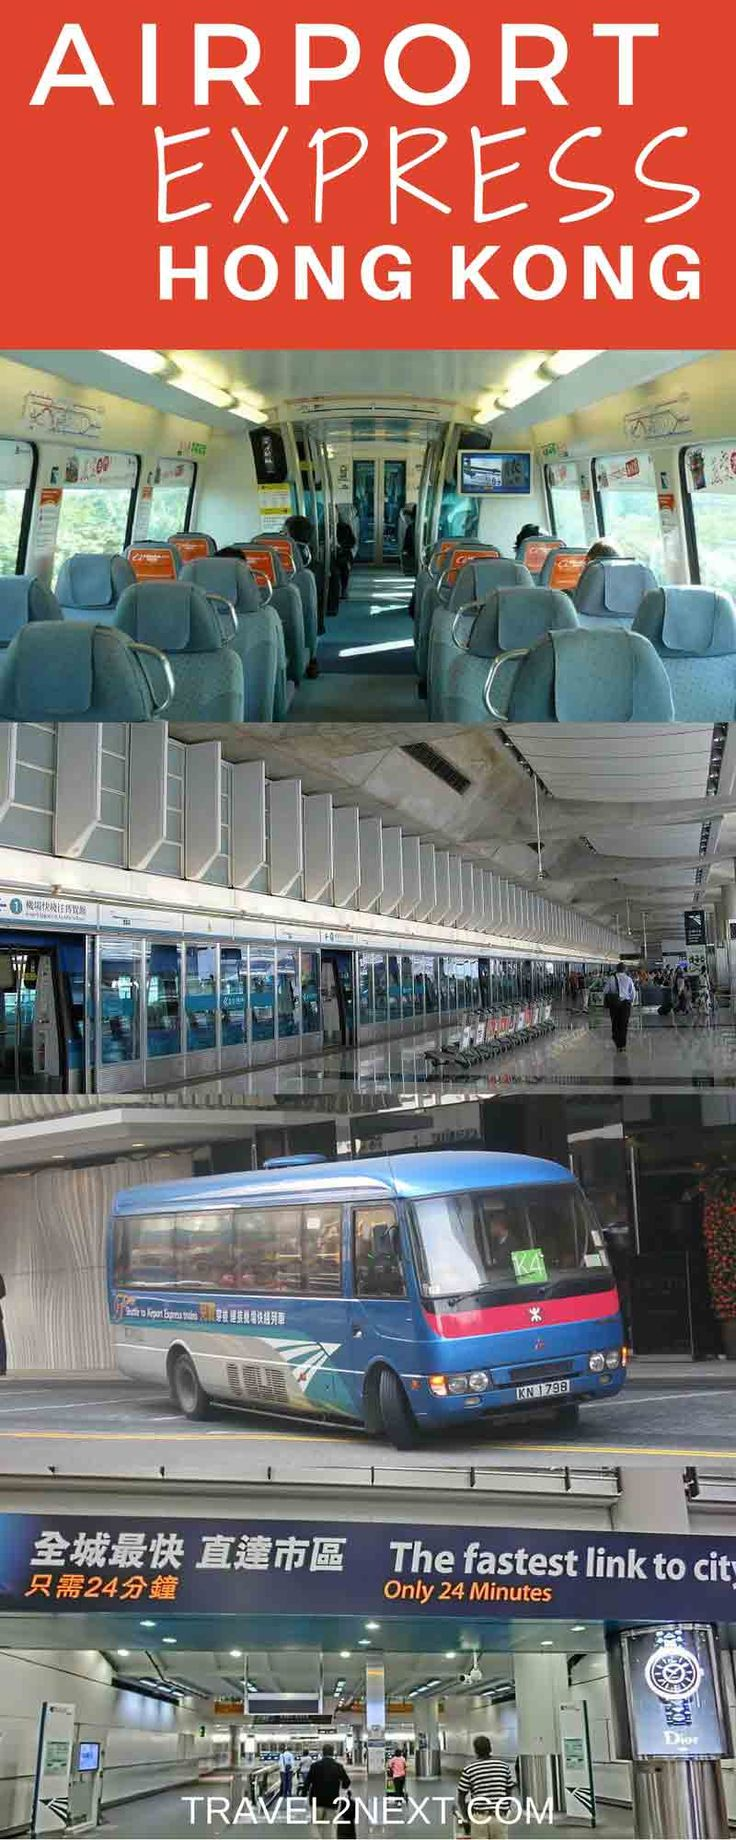 Airport Express Hong Kong